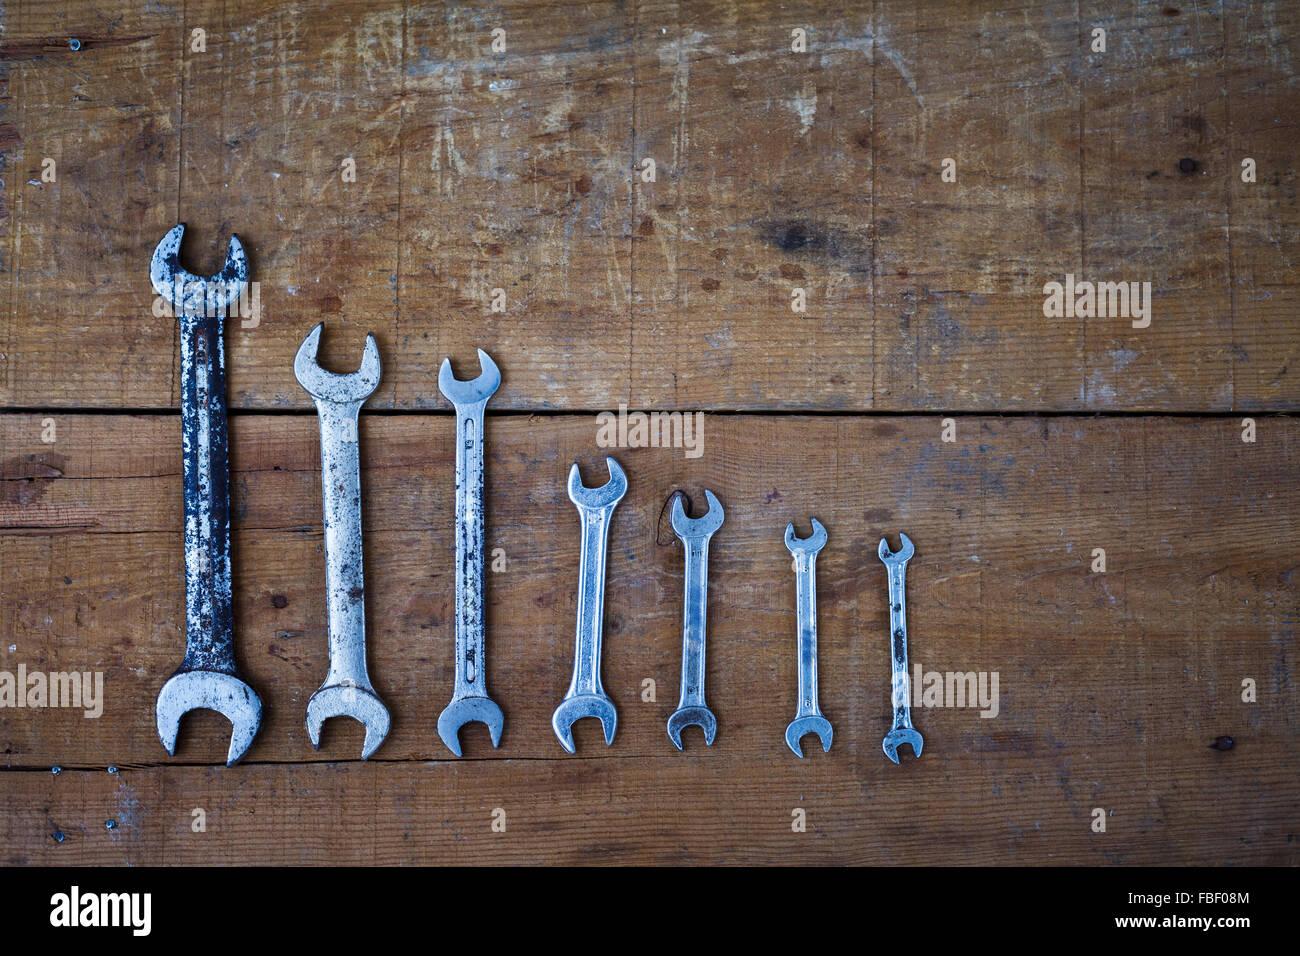 Direttamente sopra il colpo di varie chiavi su un tavolo di legno Immagini Stock